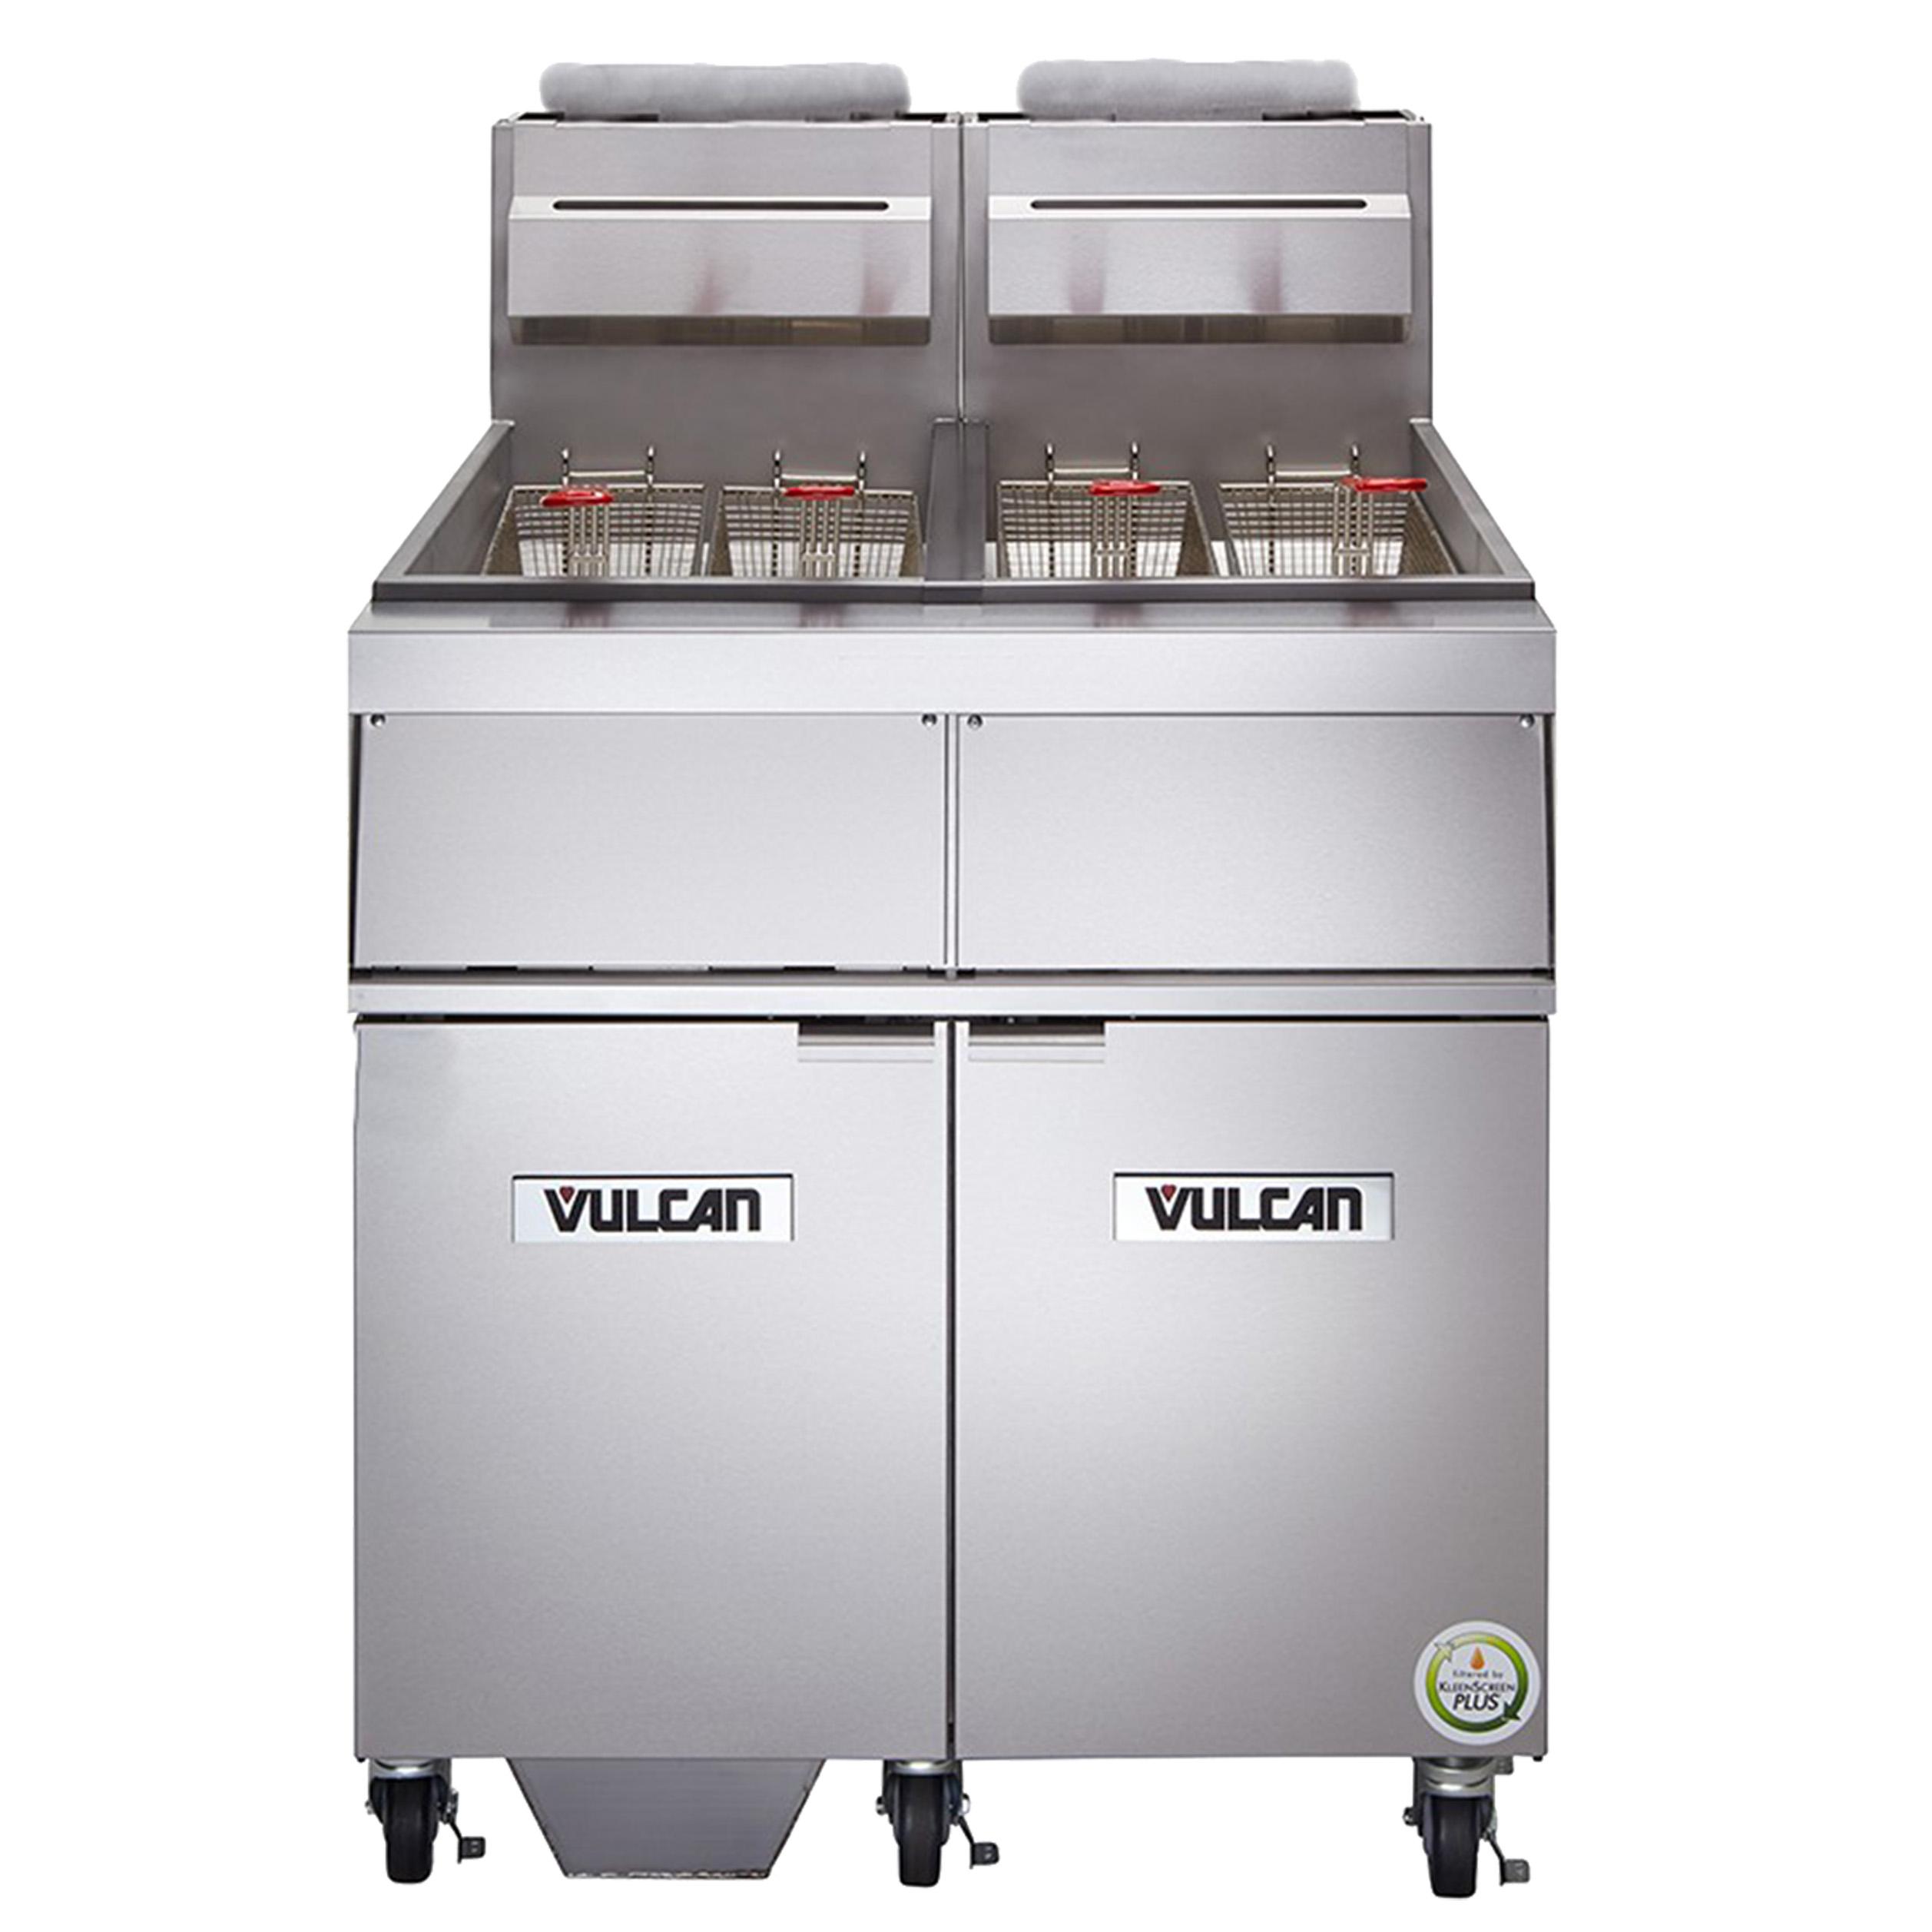 Vulcan 3GR65MF fryer, gas, multiple battery